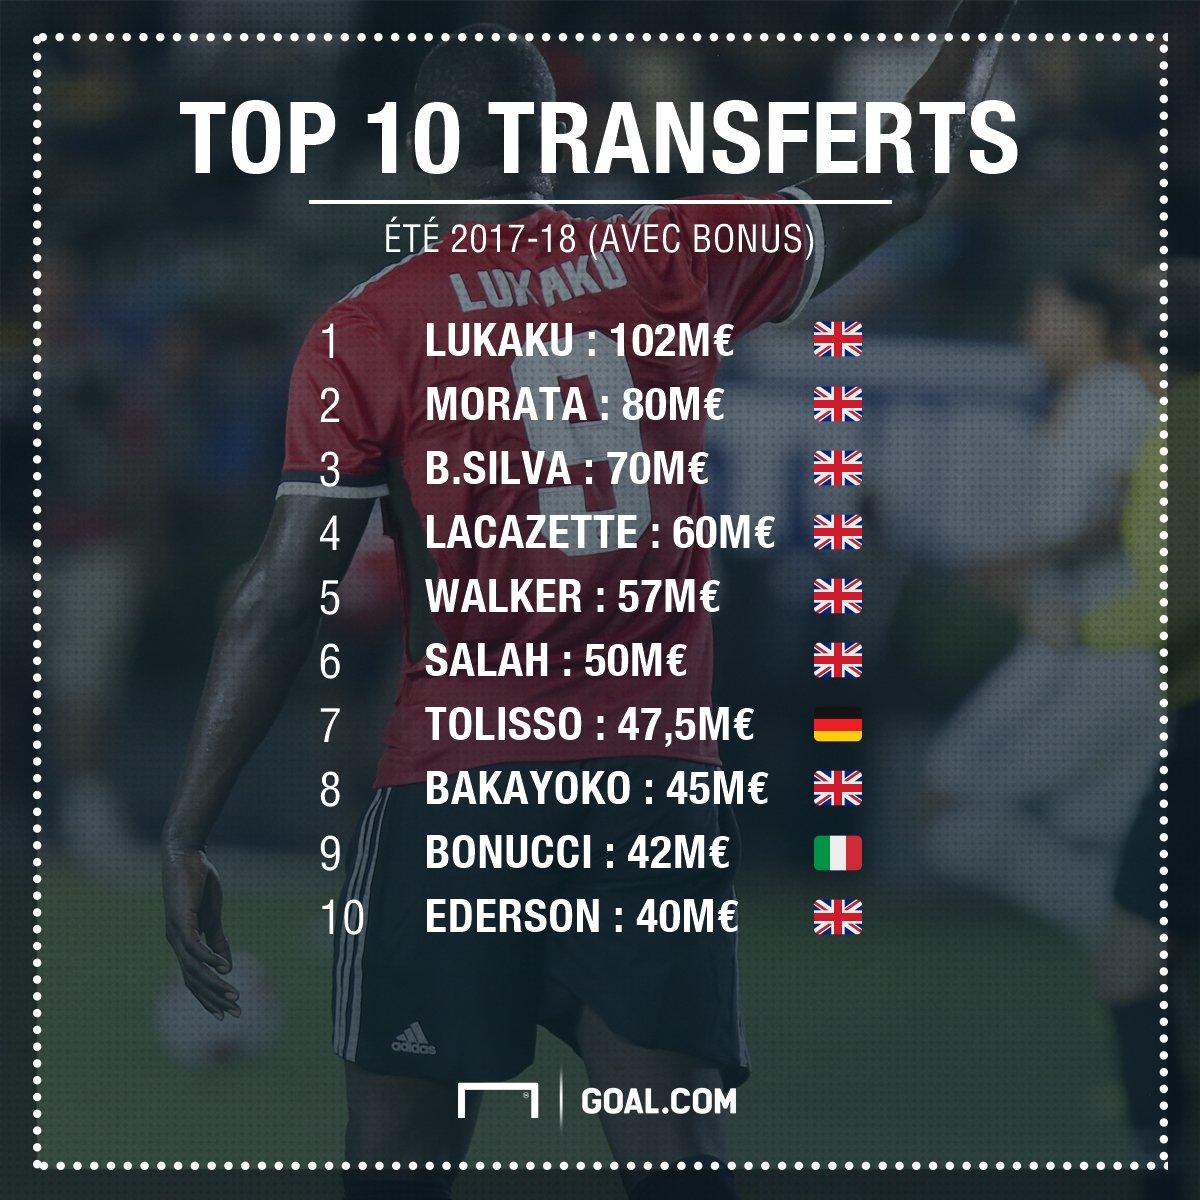 Les Clubs De Foot Les Plus Dépensiers Du Mercato D été: La Premier League Truste Le TOP 10 Des Plus Gros